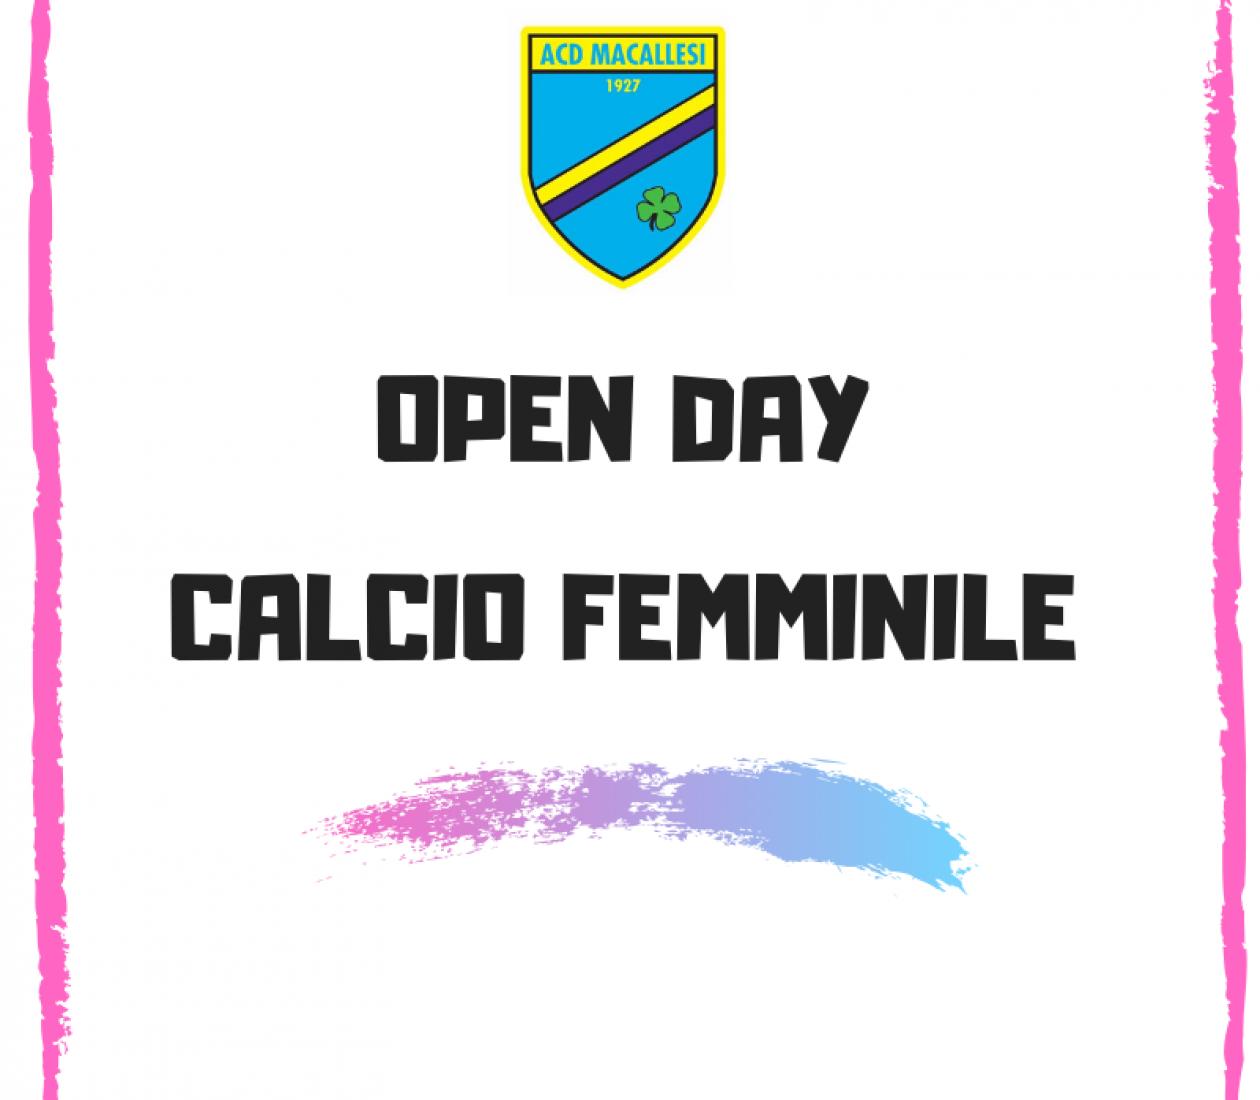 Open day 2020 calcio femminile